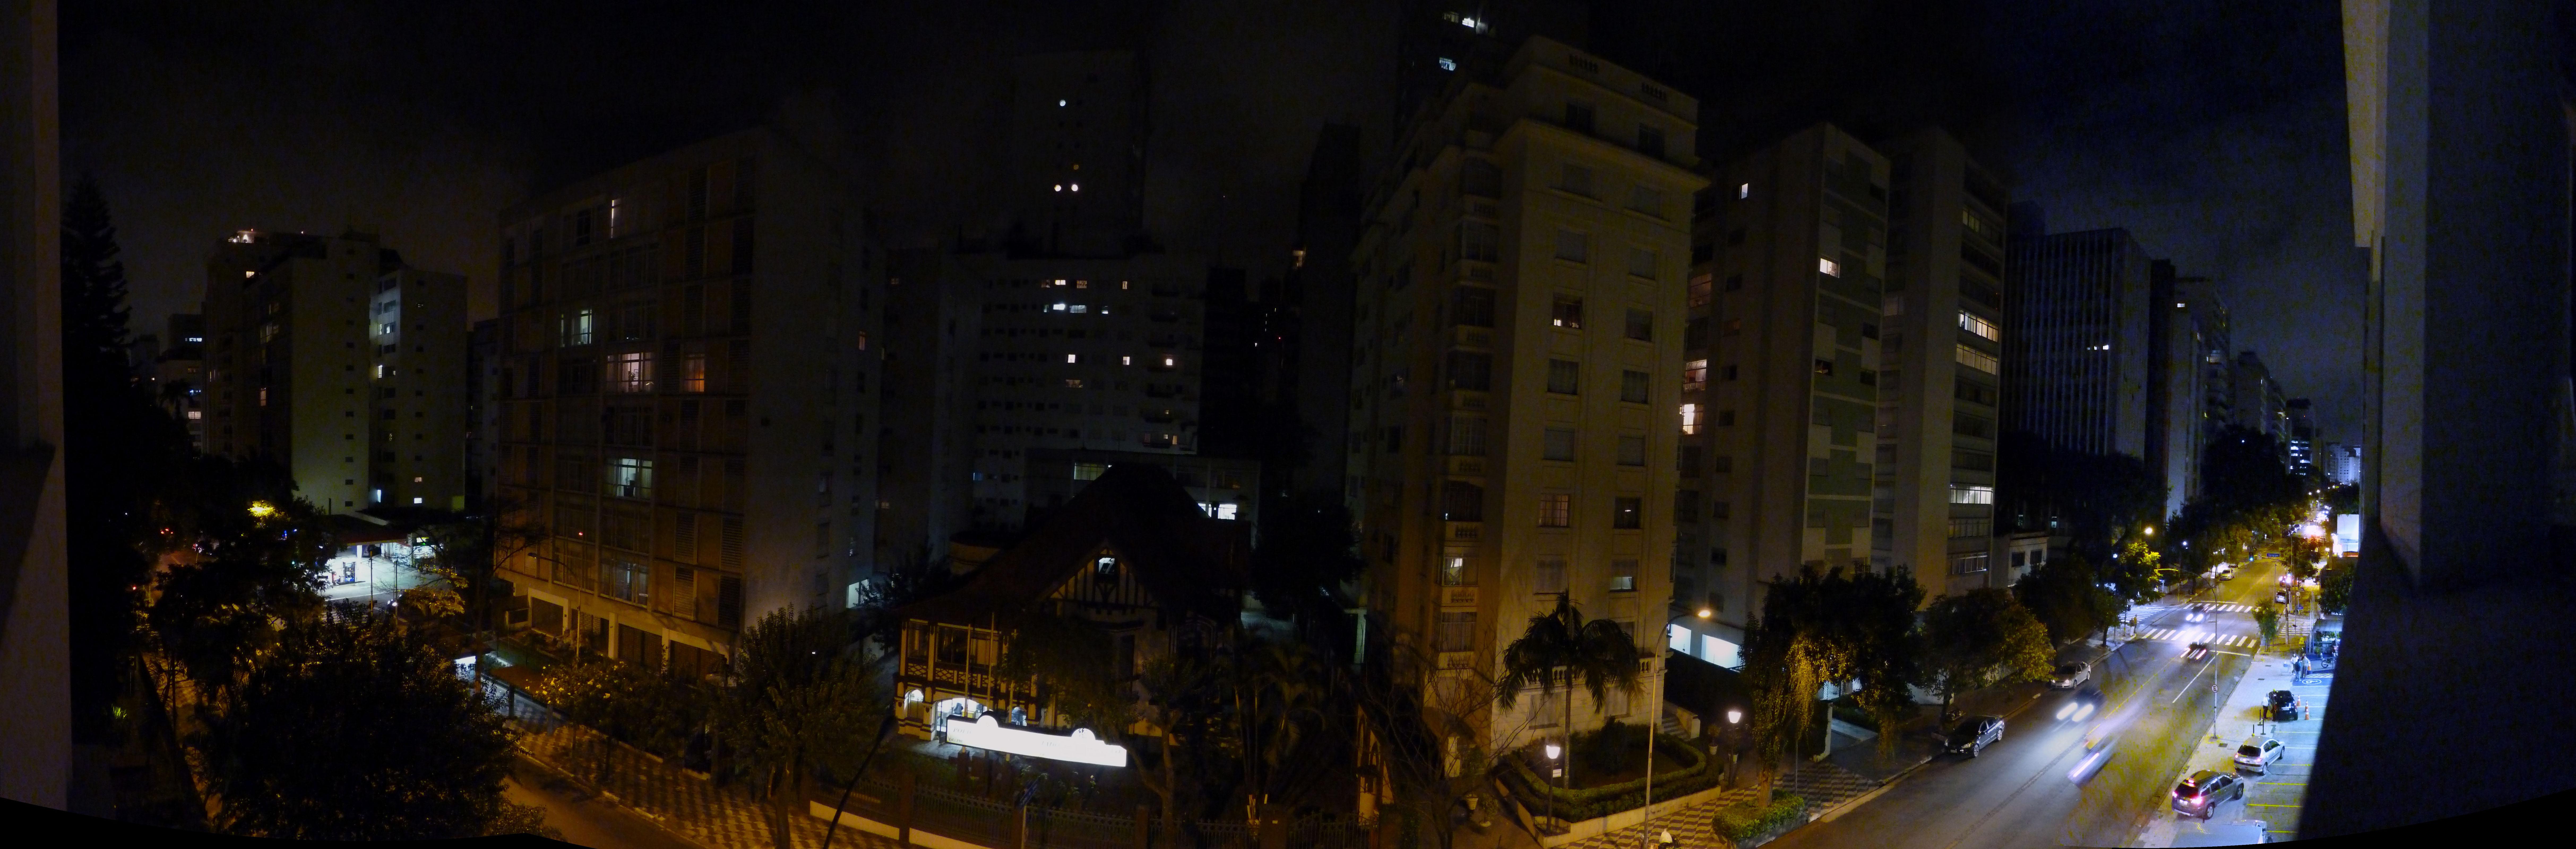 Foto Panorâmica noturna da Avenida Angélica em São Paulo.